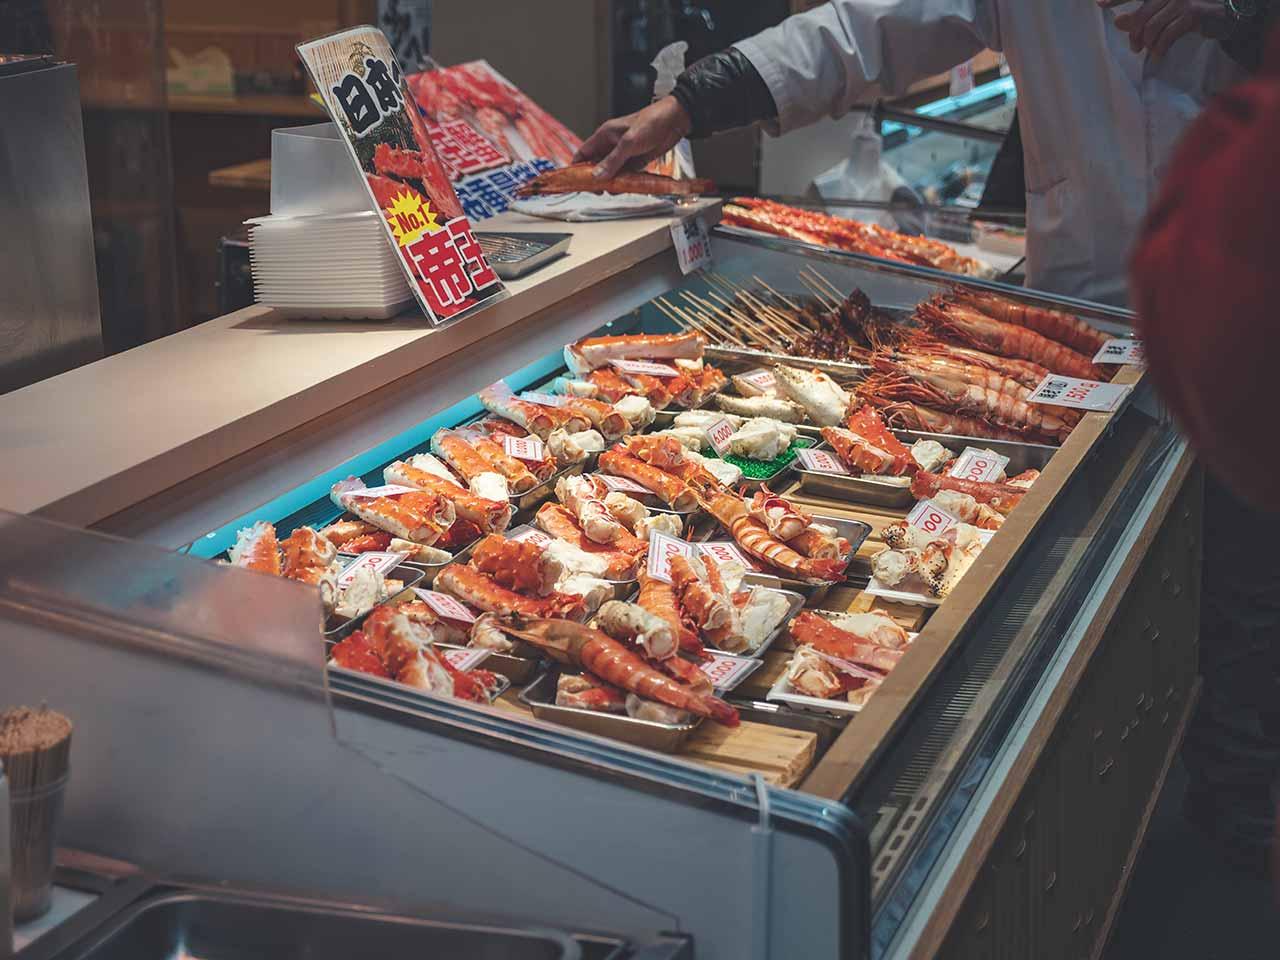 Fischspezialitäten auf dem Kuromon Ichiba Markt in Osaka